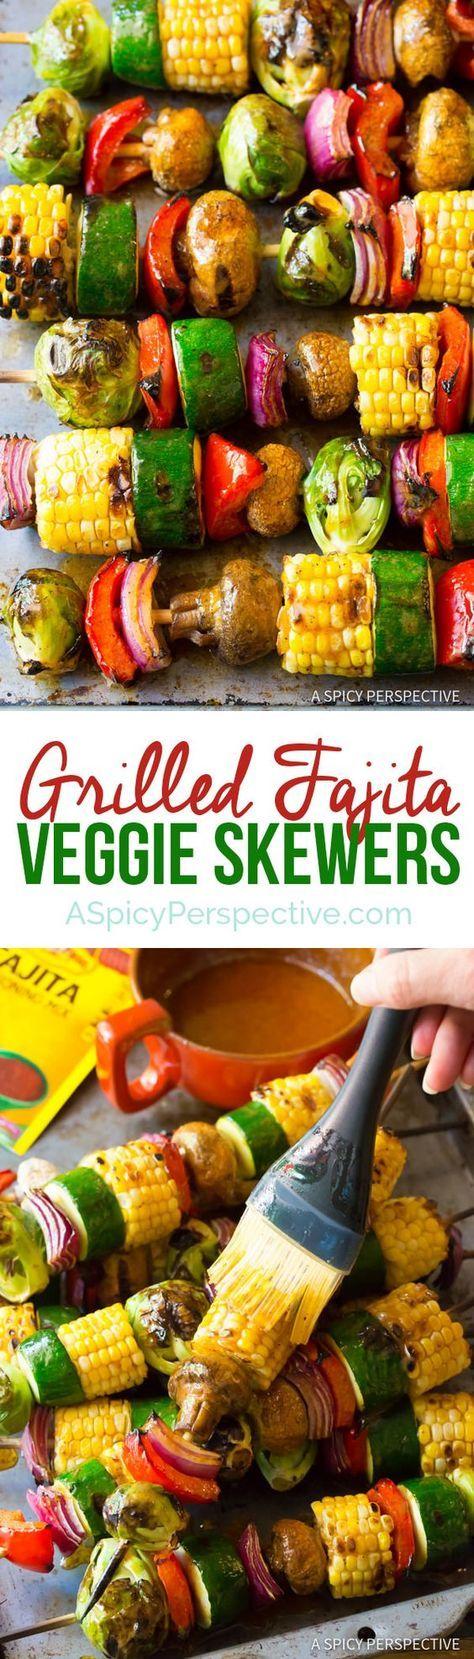 280 Best Grilling Vegetables Images On Pinterest Clean